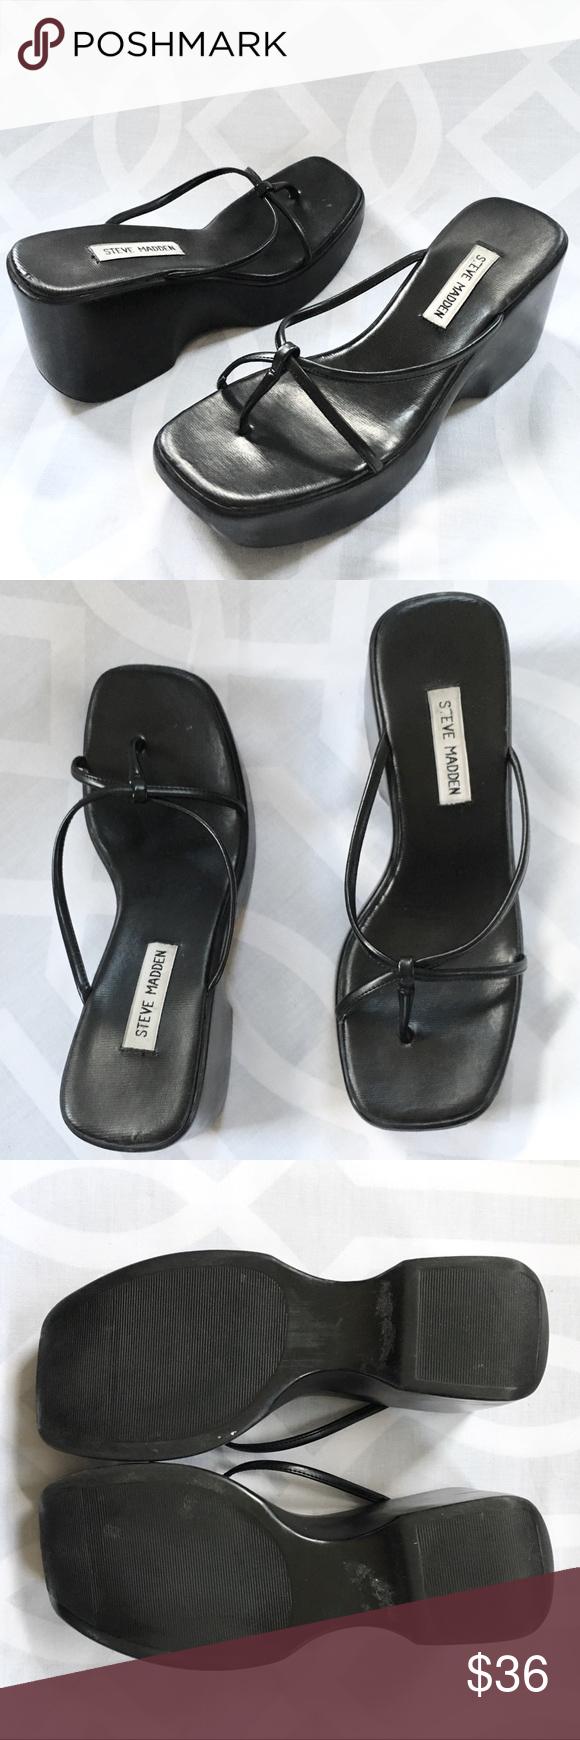 166708be4f9  RARE  STEVE MADDEN 90s Platform Sandal  VTG  Rare Vintage STEVE MADDEN 90s